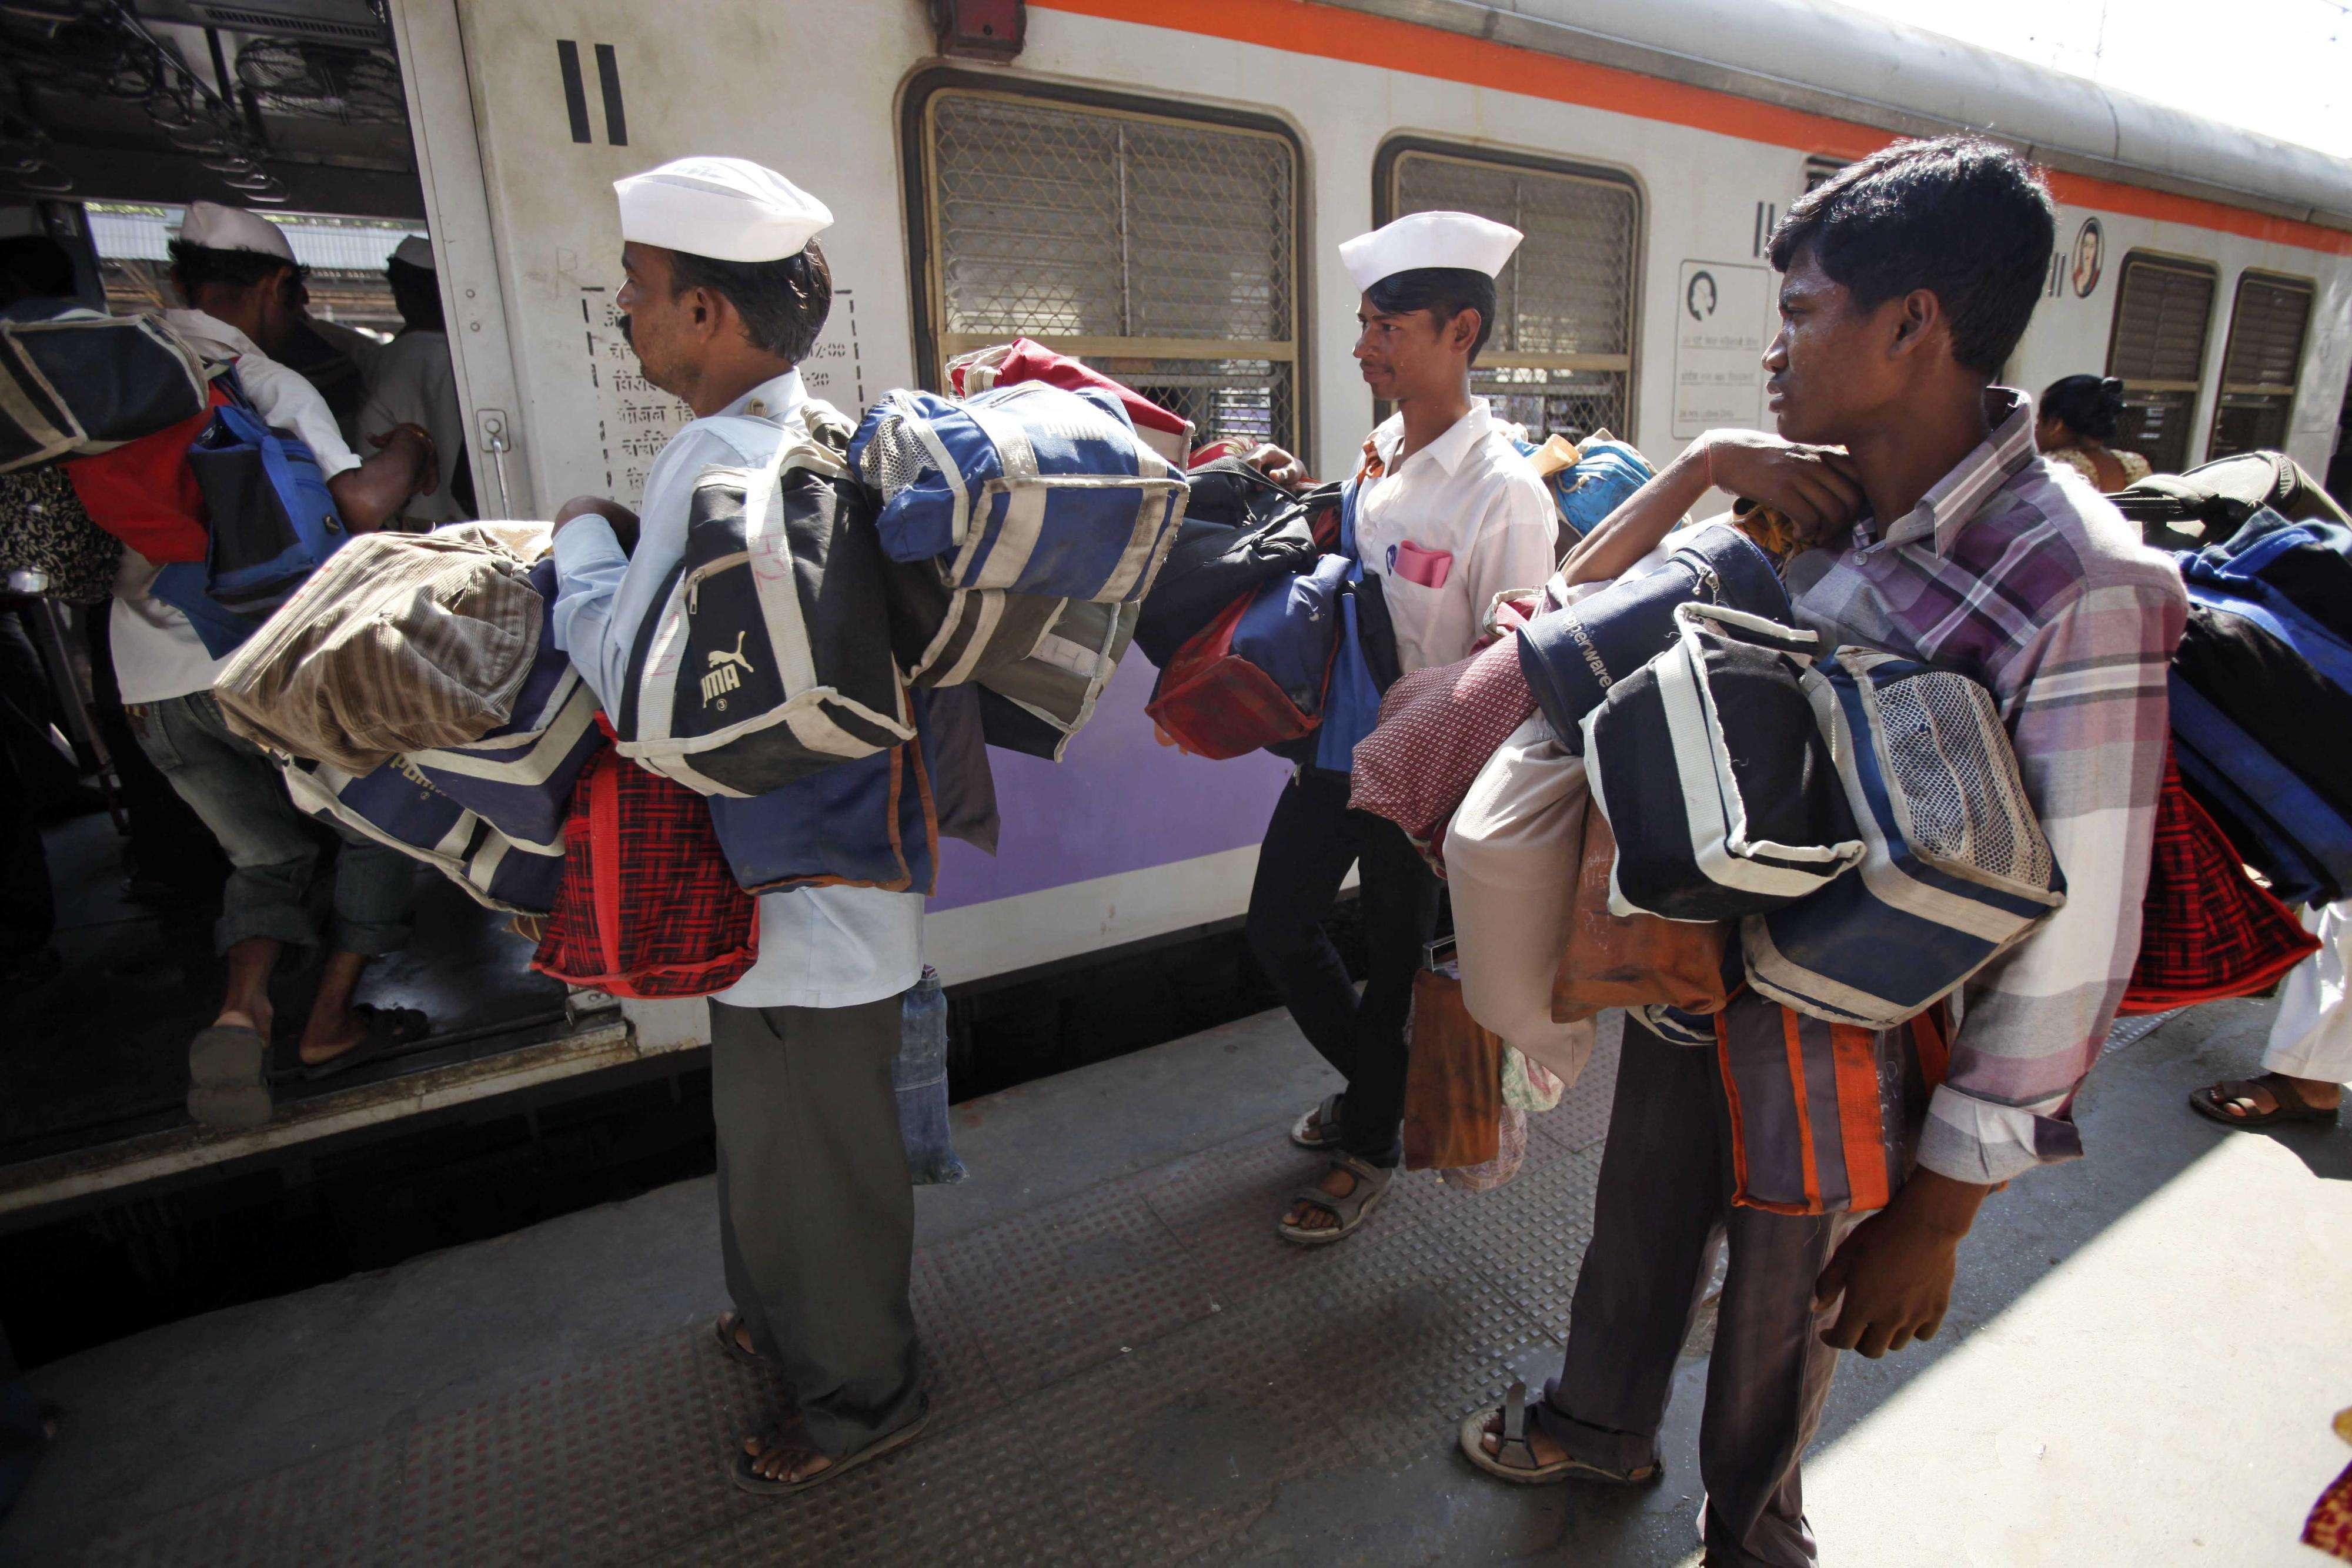 Llueva, truene o relampaguee, los dabbawalas de India llevan y traen los envases de comida casera a sus destinatarios. Foto: AP en español